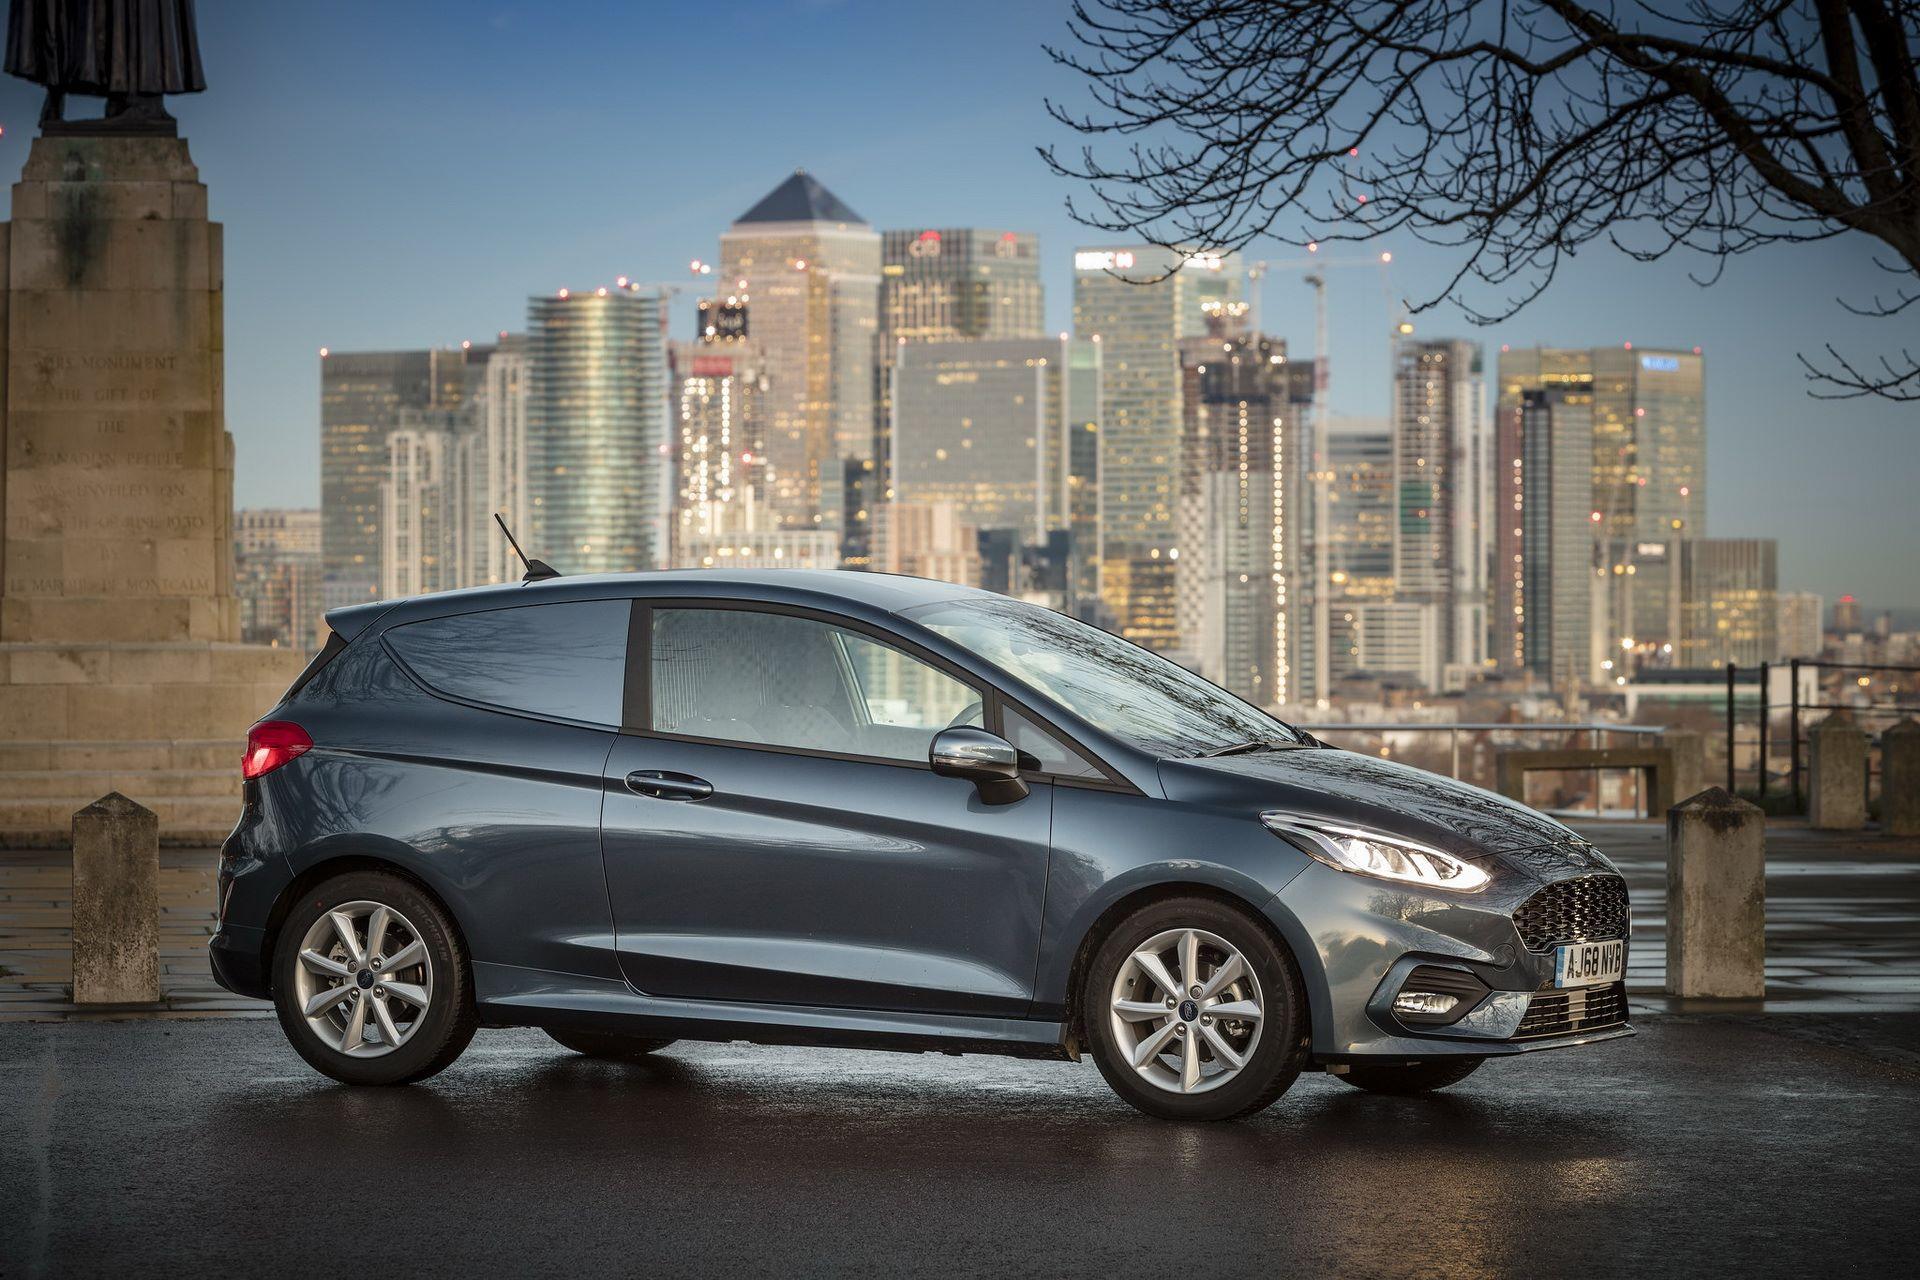 Ford-Fiesta-Fiesta-Van-Mild-Hybrid-6